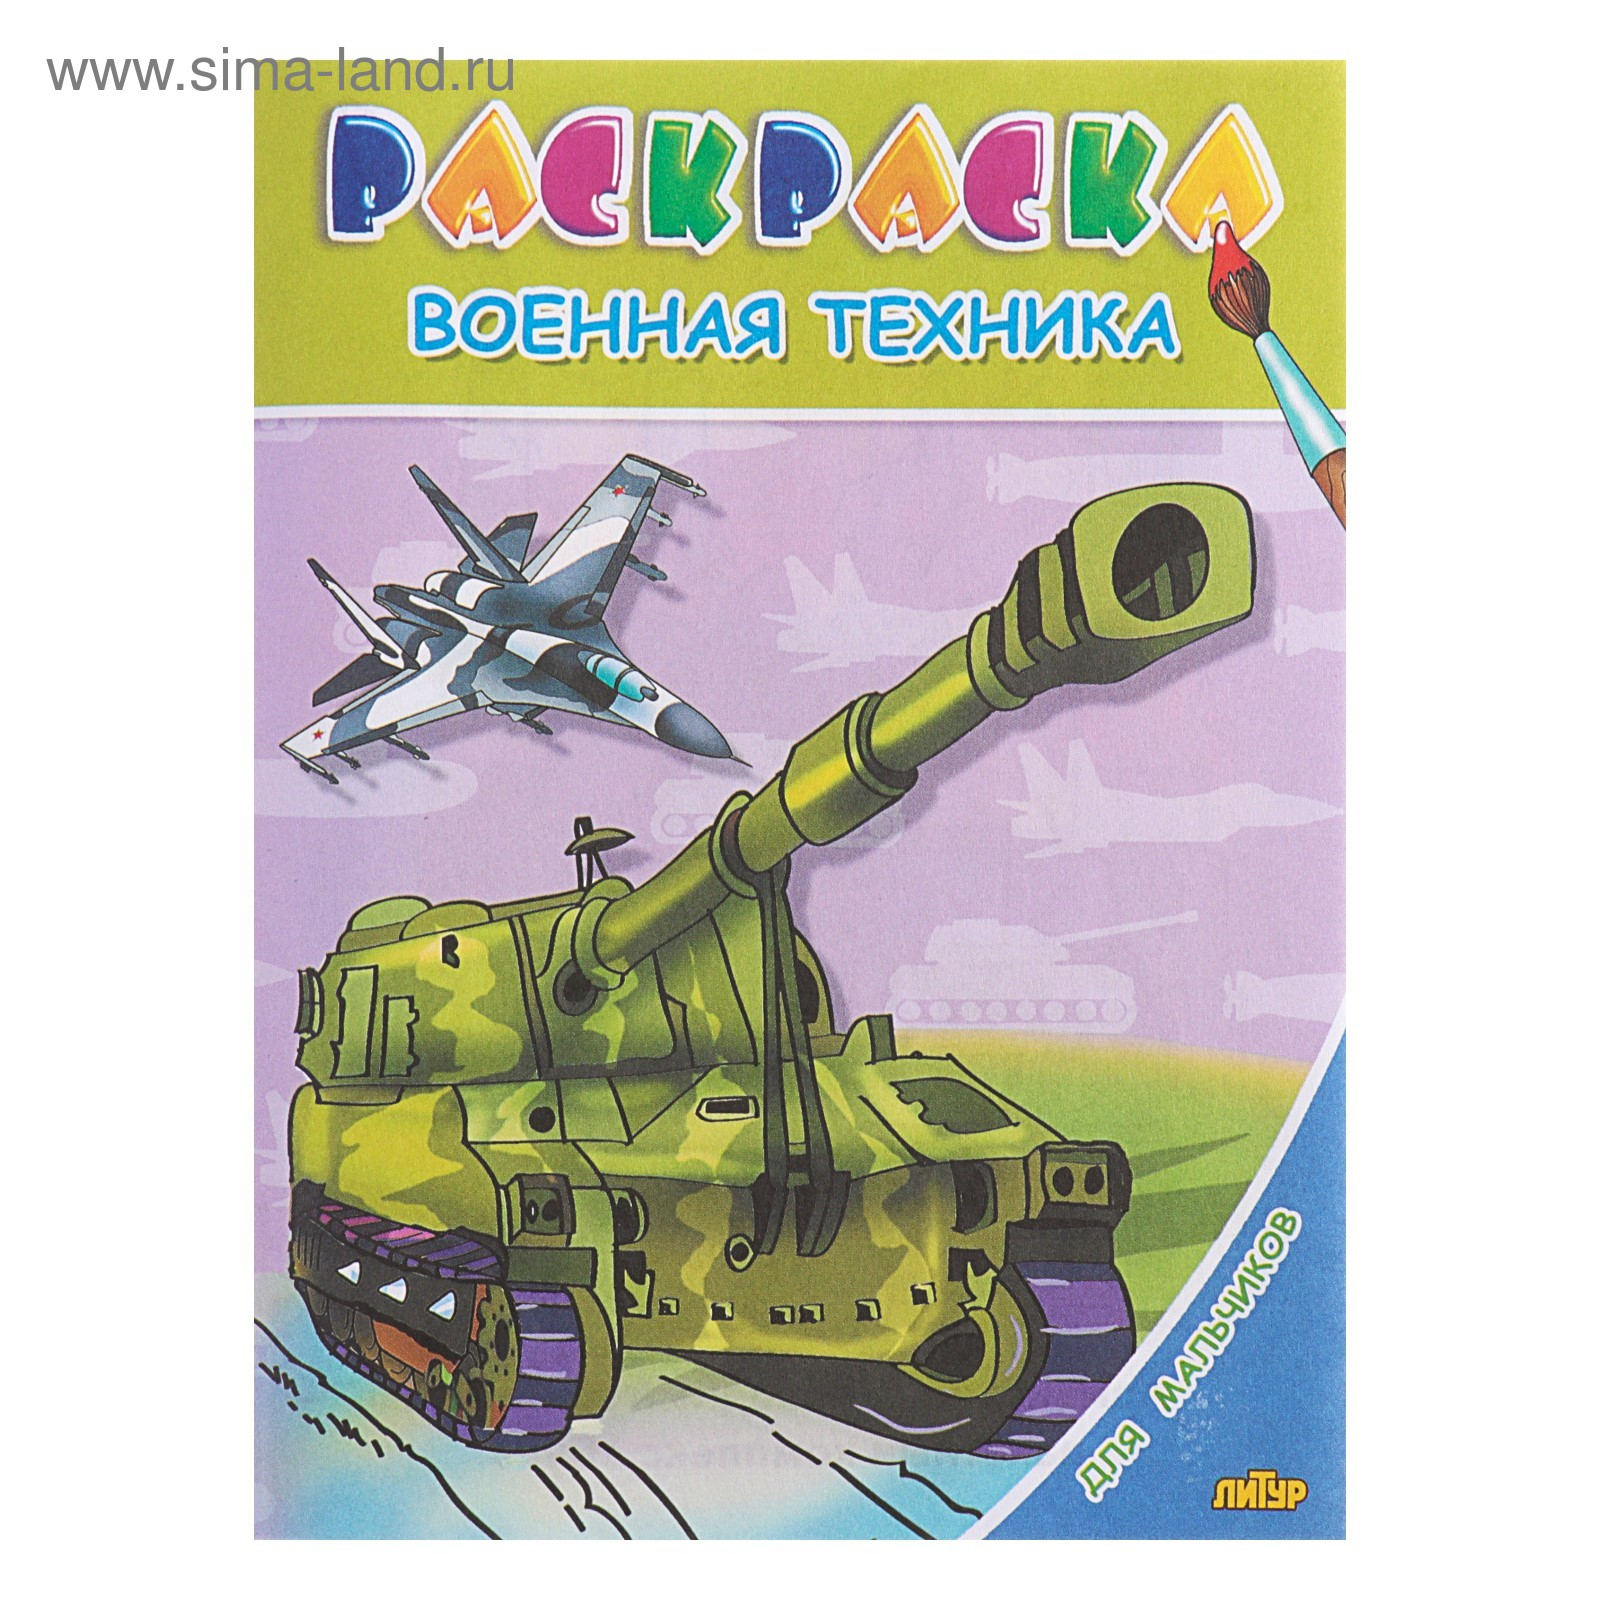 раскраска для мальчиков военная техника 1087848 купить